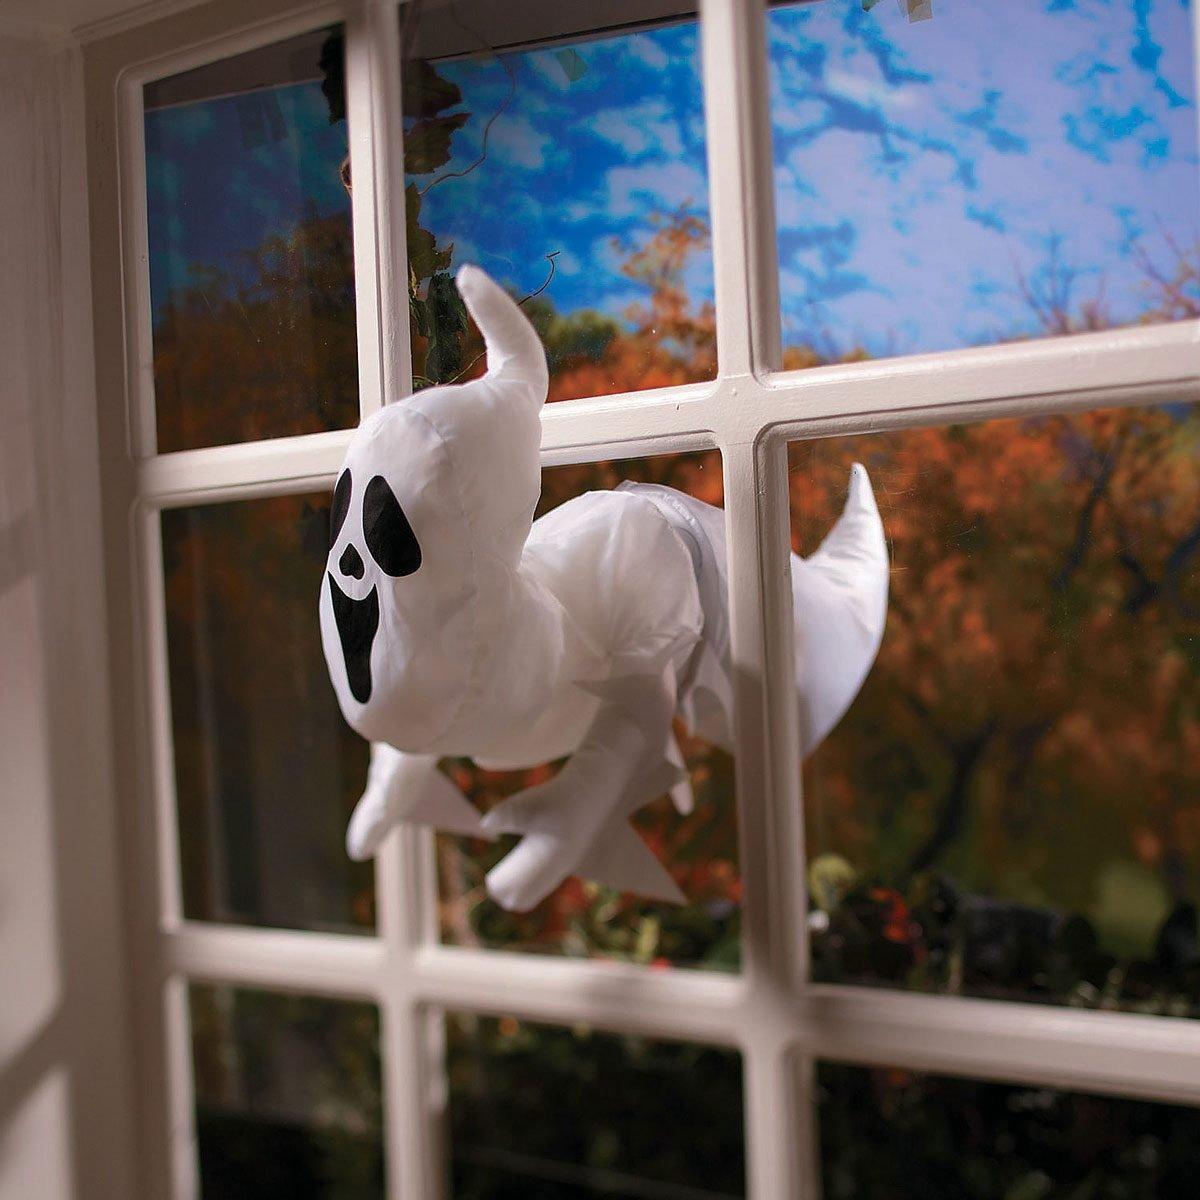 Window ghost